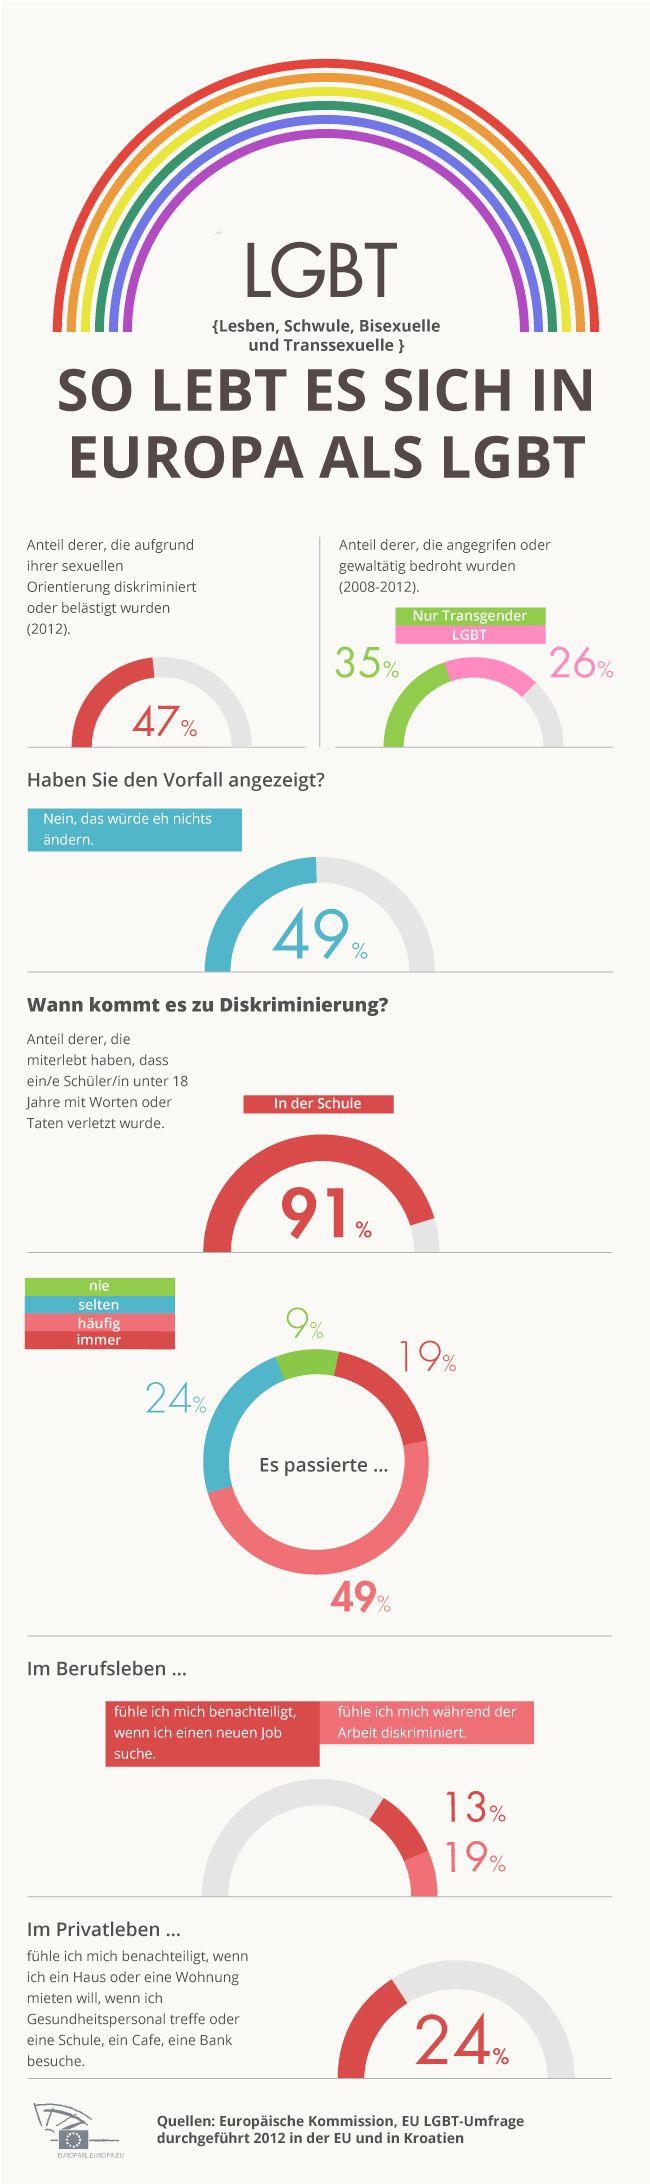 Infografik zum Aktionstag gegen Homophobie: größte EU-weite Umfrage beleuchtet alltägliche Diskriminierung